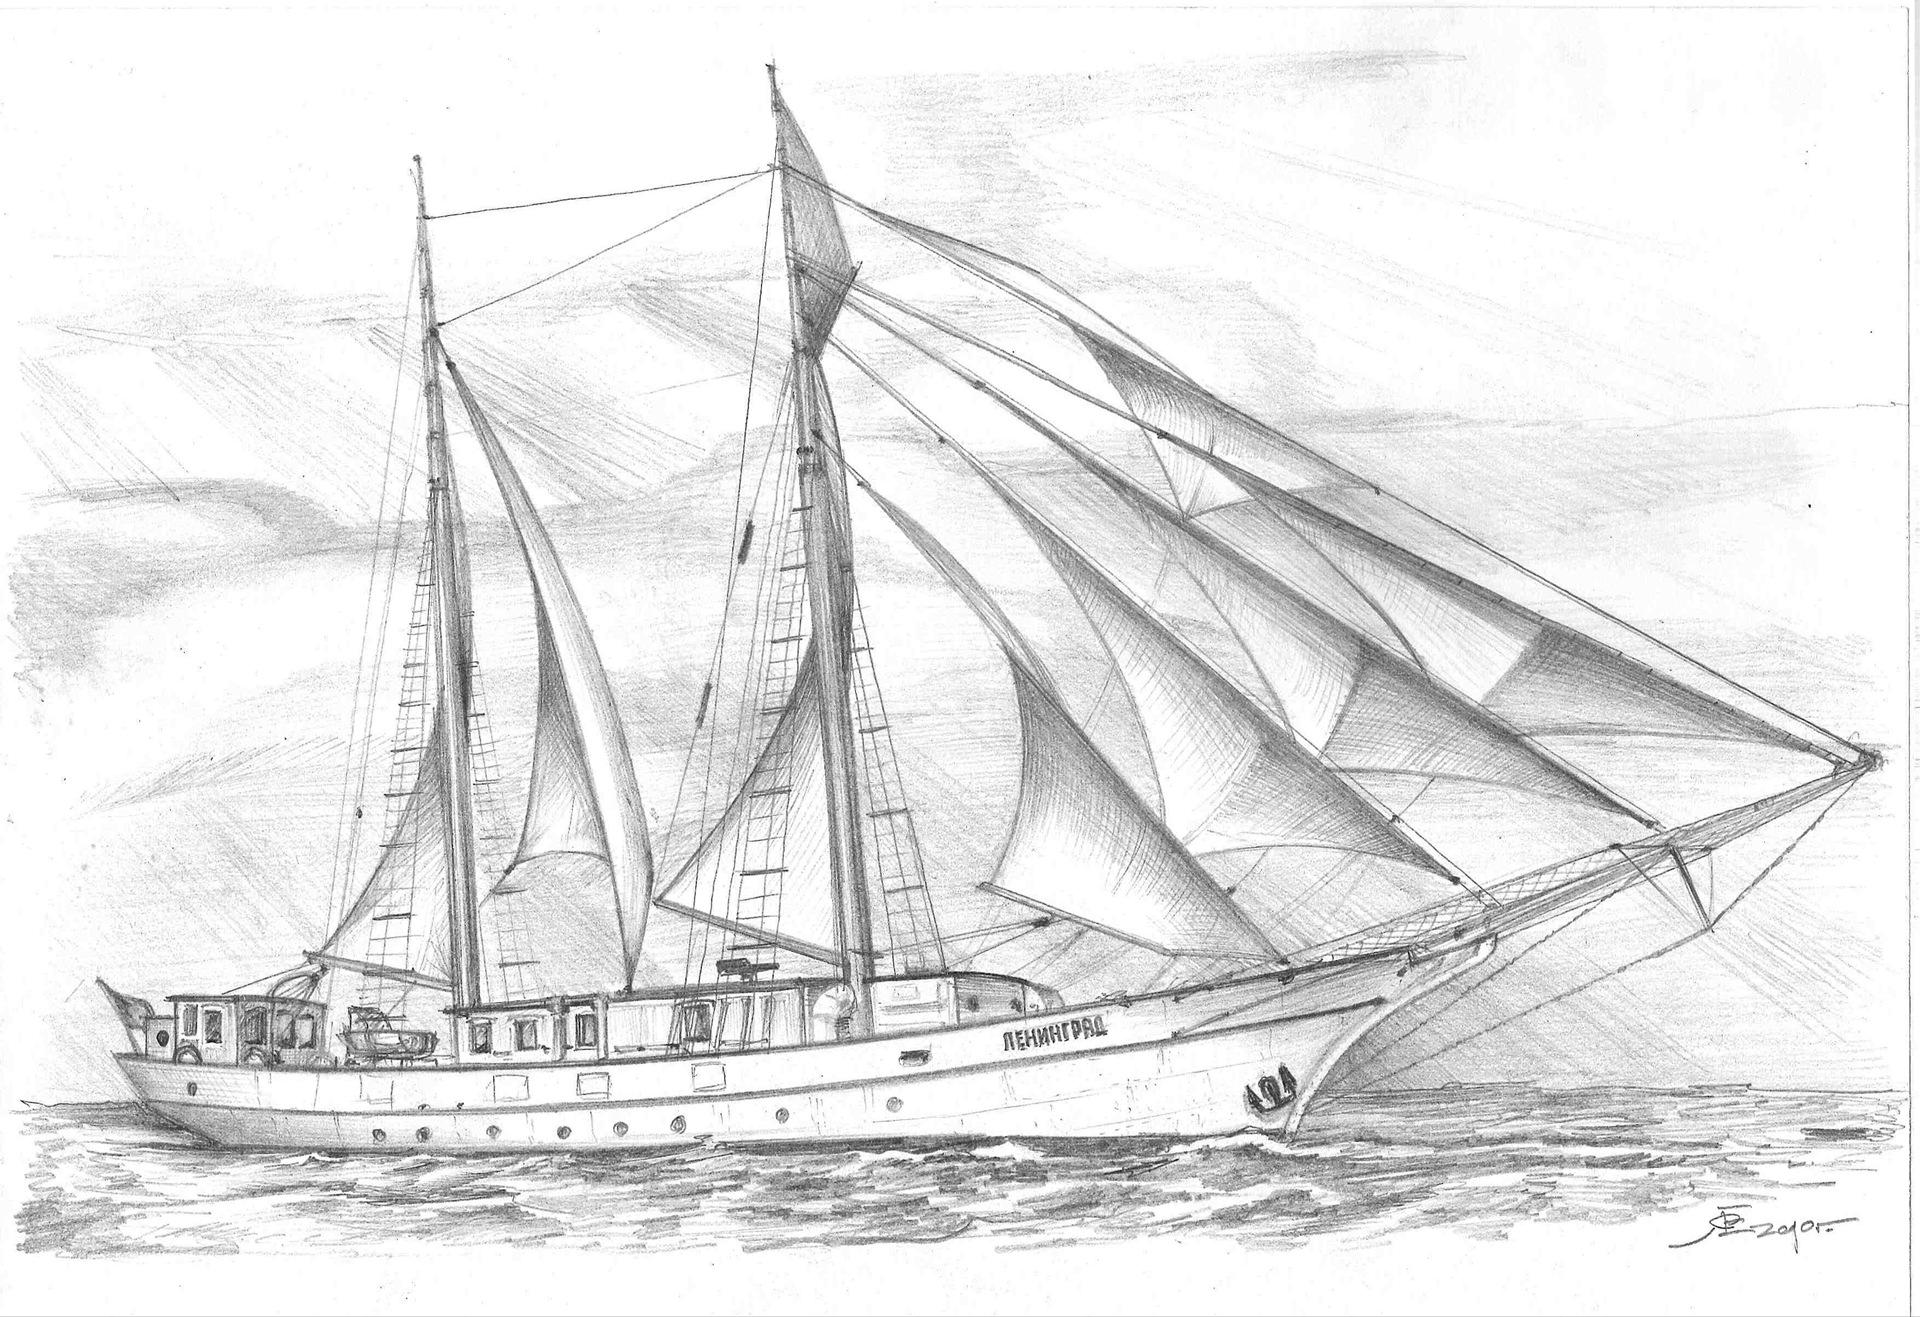 где более рисунок яхта в море карандашом проблема